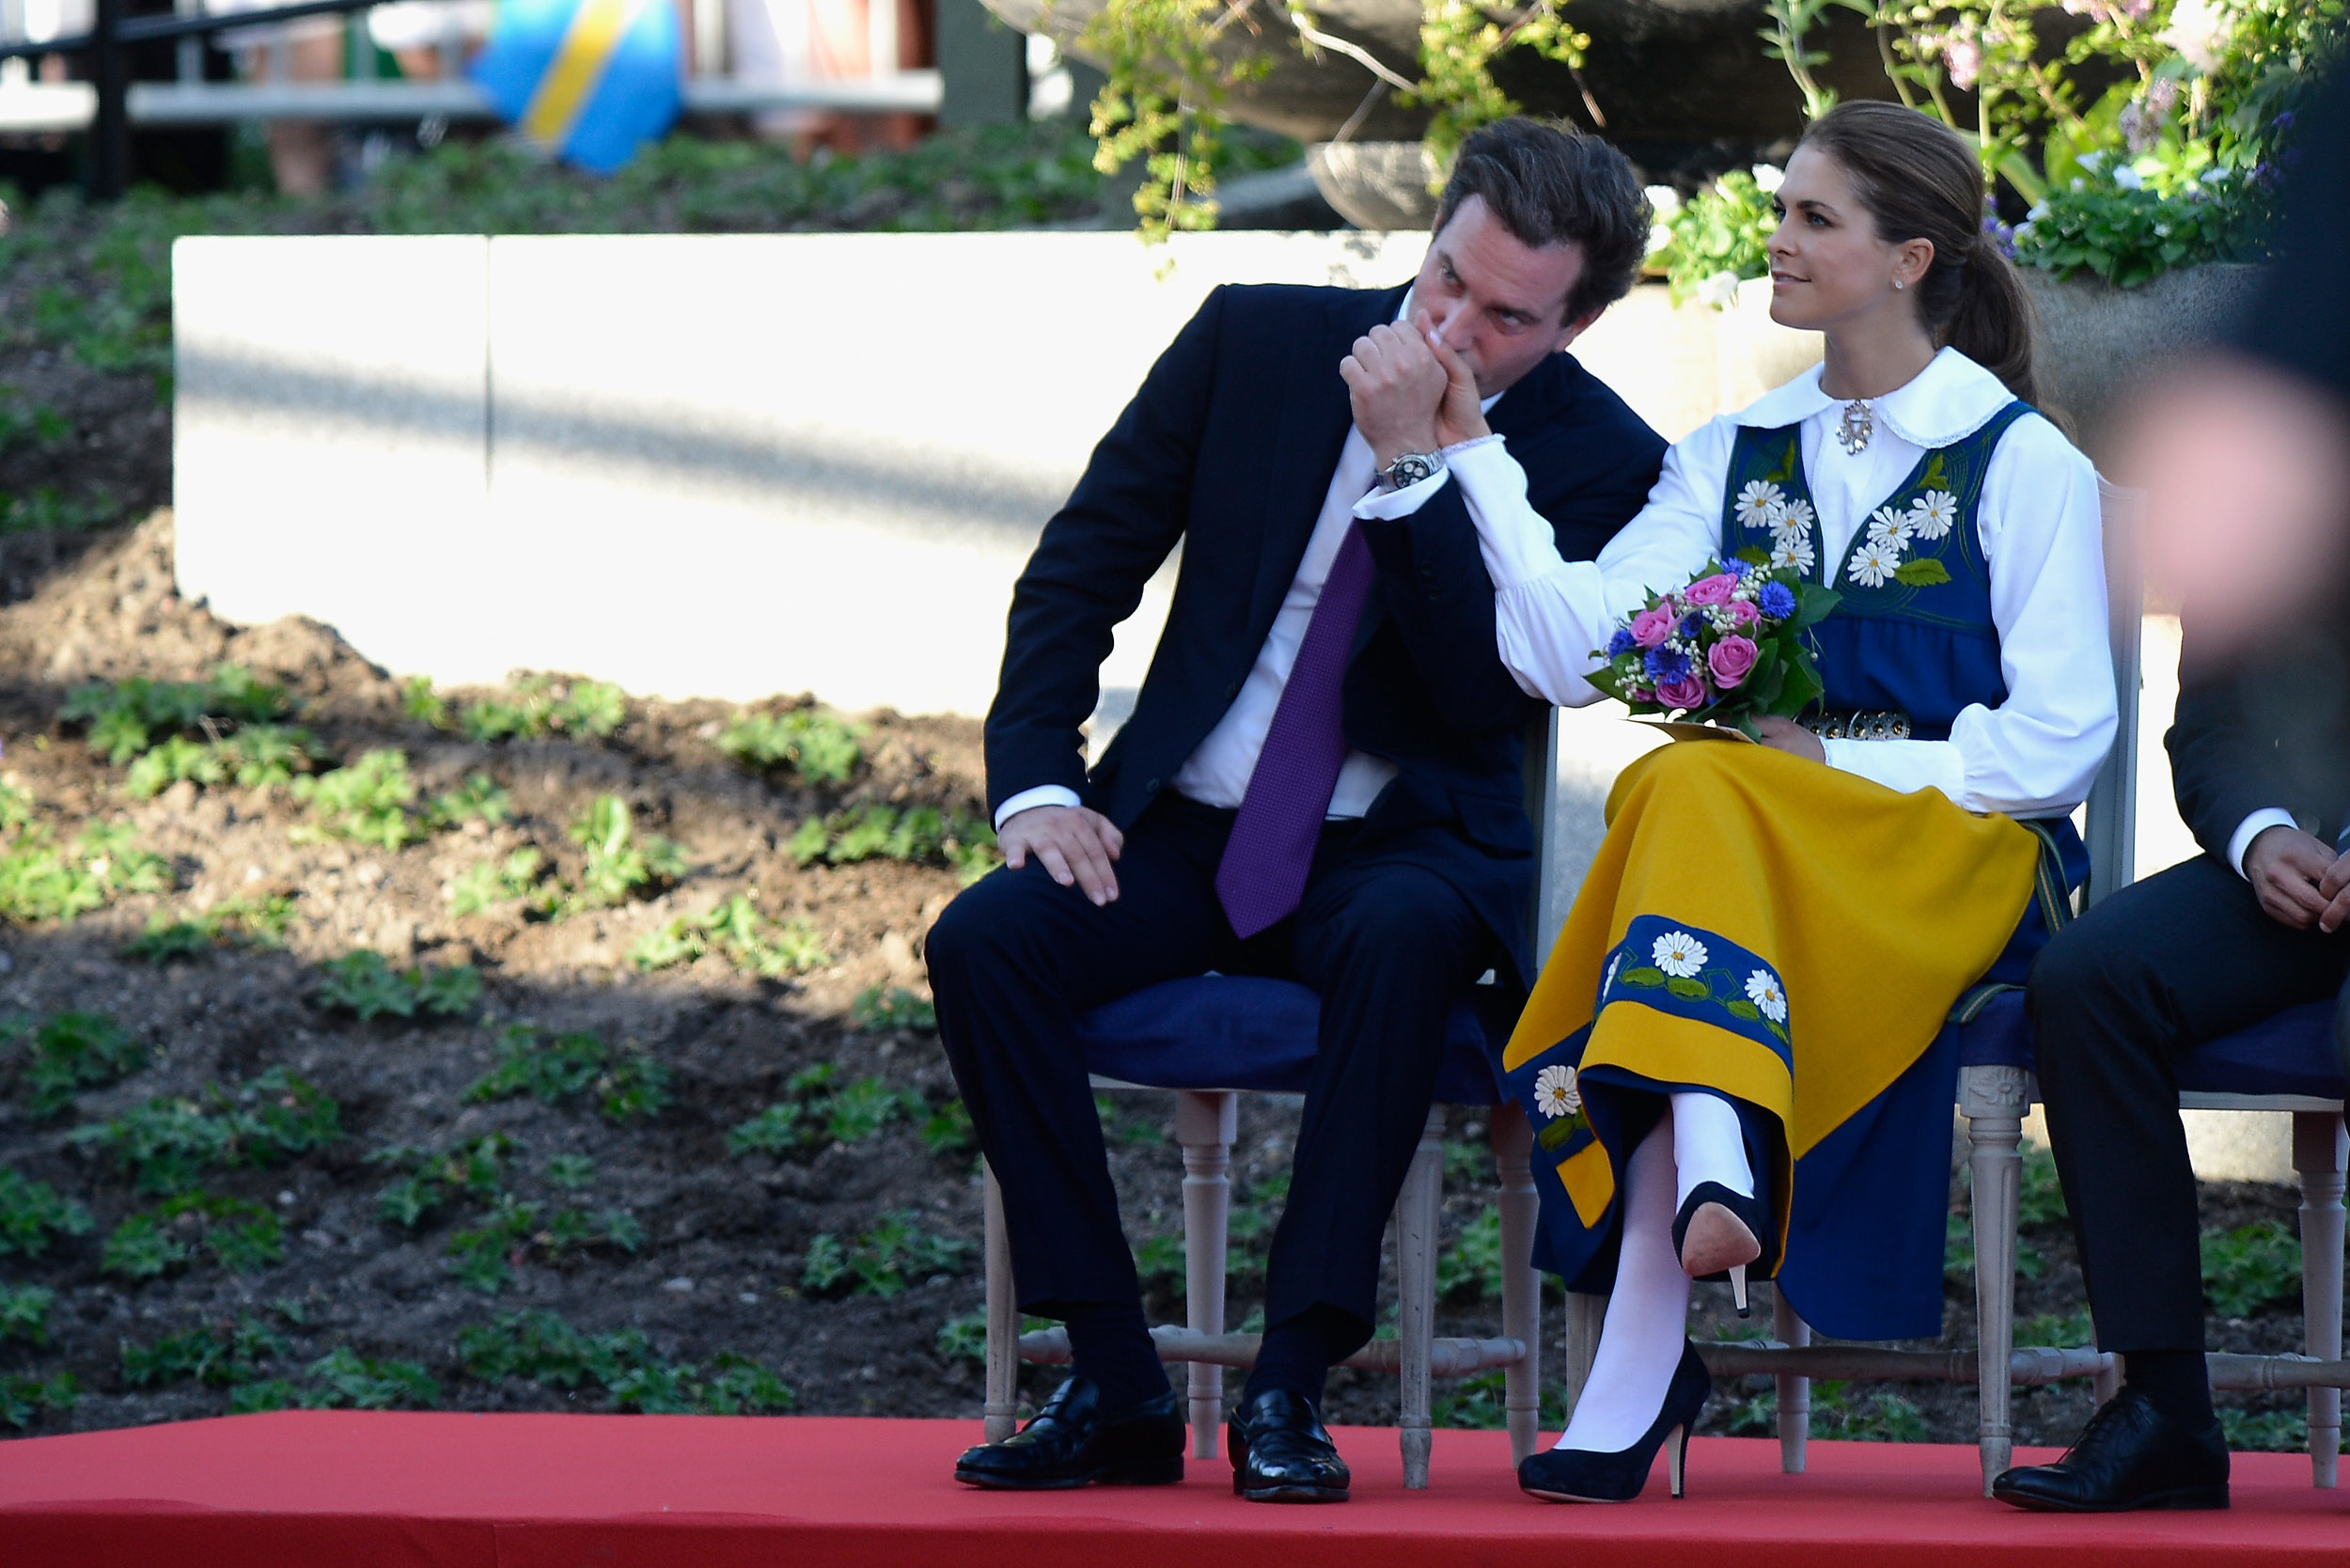 Auch Prinzessin Madeleine und Christopher O'Neill zeigen mit kleinen Gesten, wie viel sie einander bedeuten.  ©Getty Images